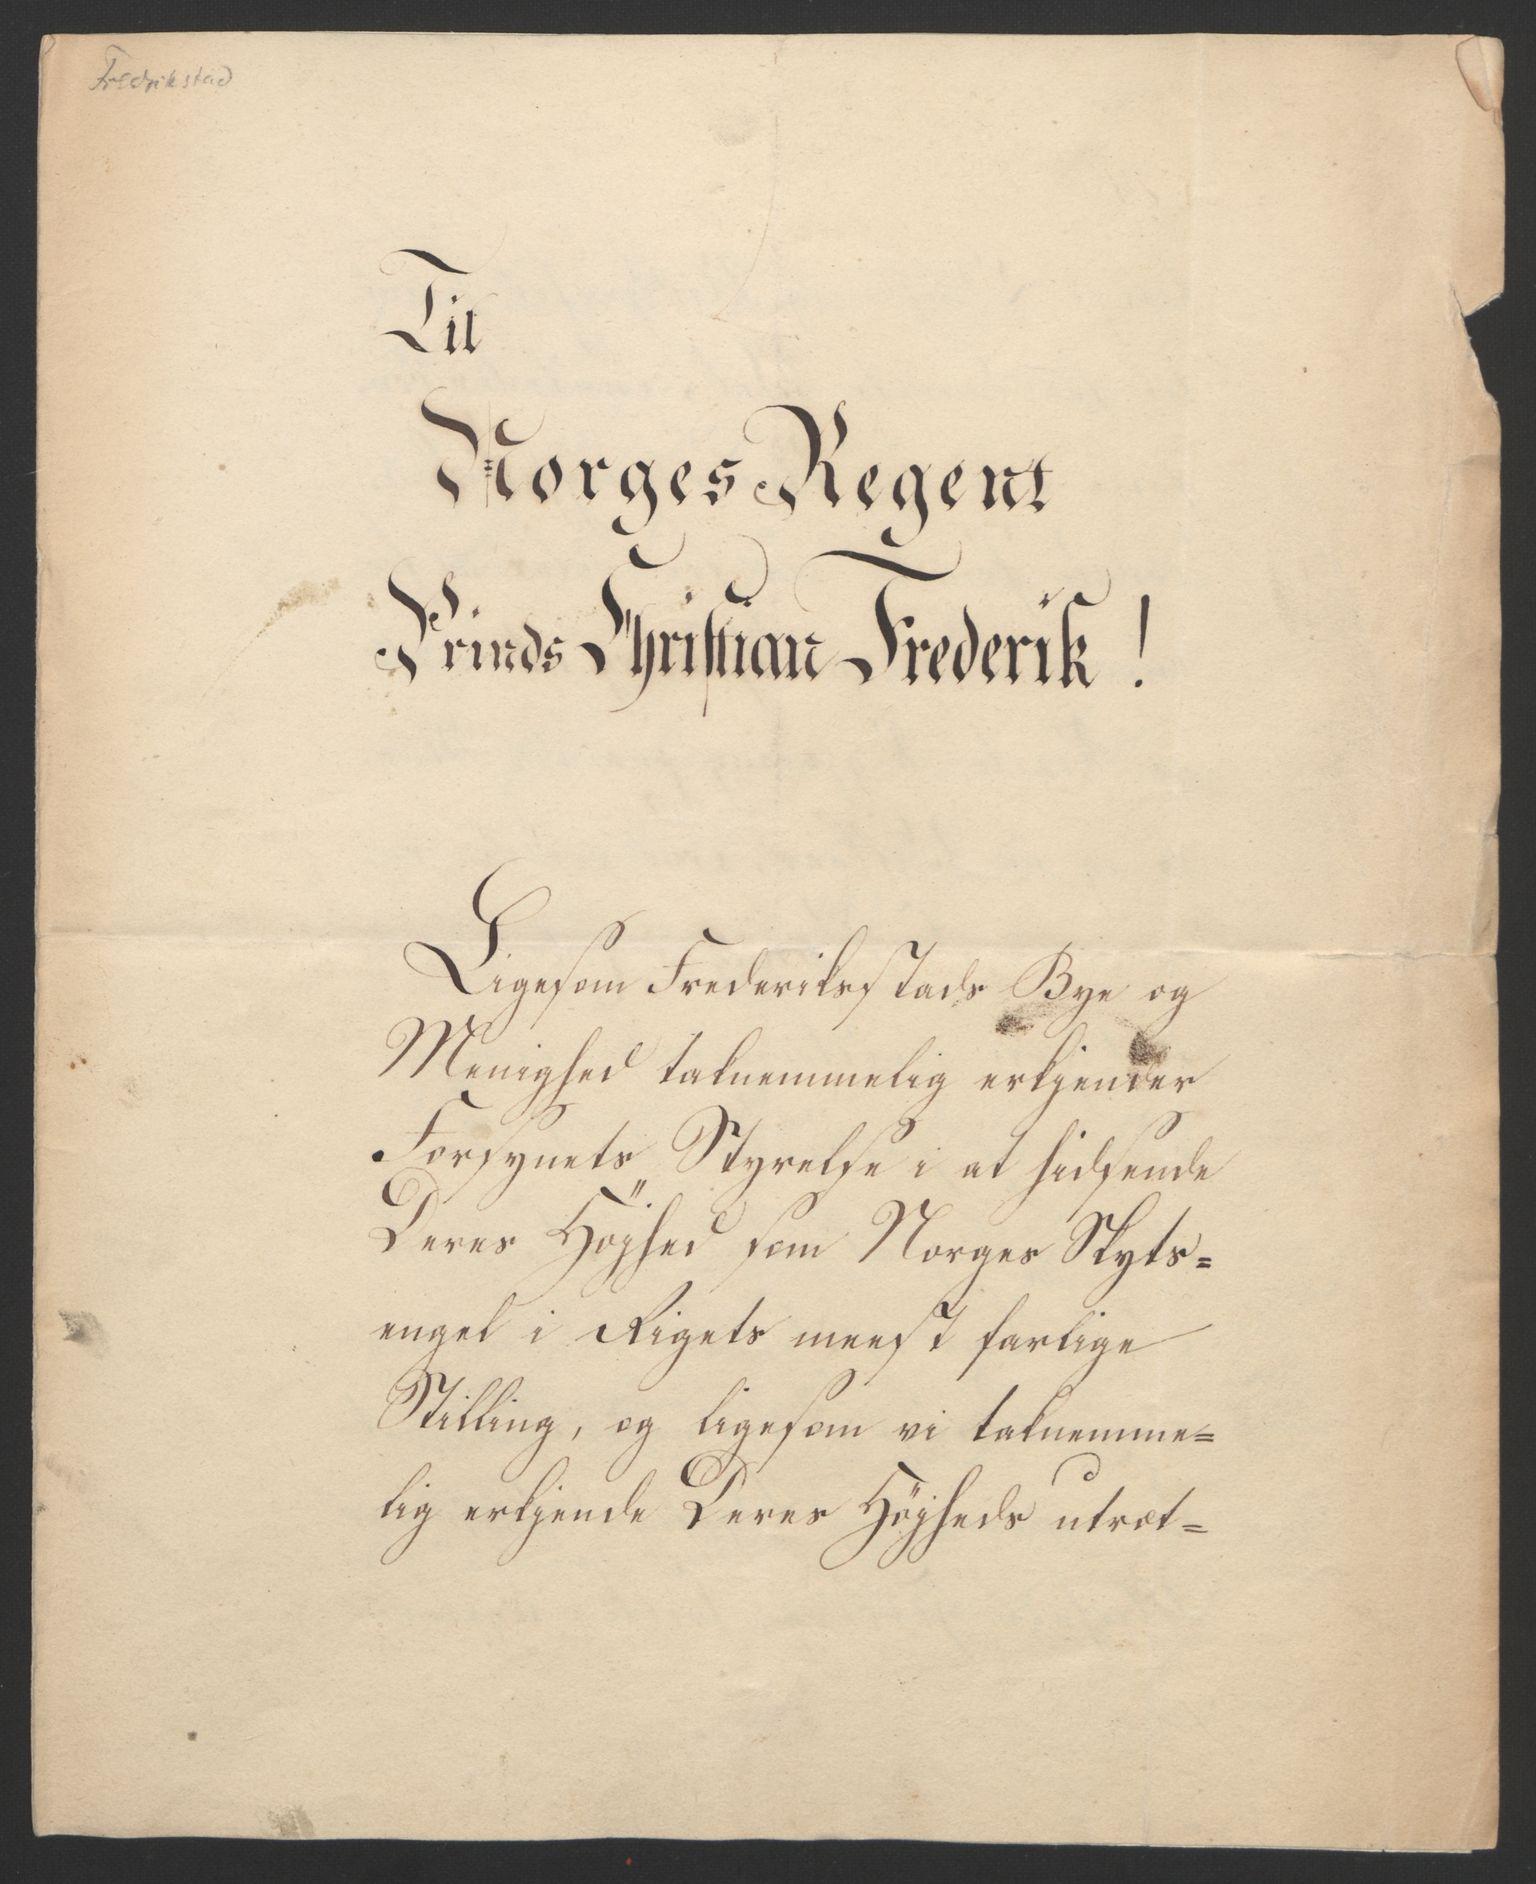 RA, Statsrådssekretariatet, D/Db/L0007: Fullmakter for Eidsvollsrepresentantene i 1814. , 1814, s. 16